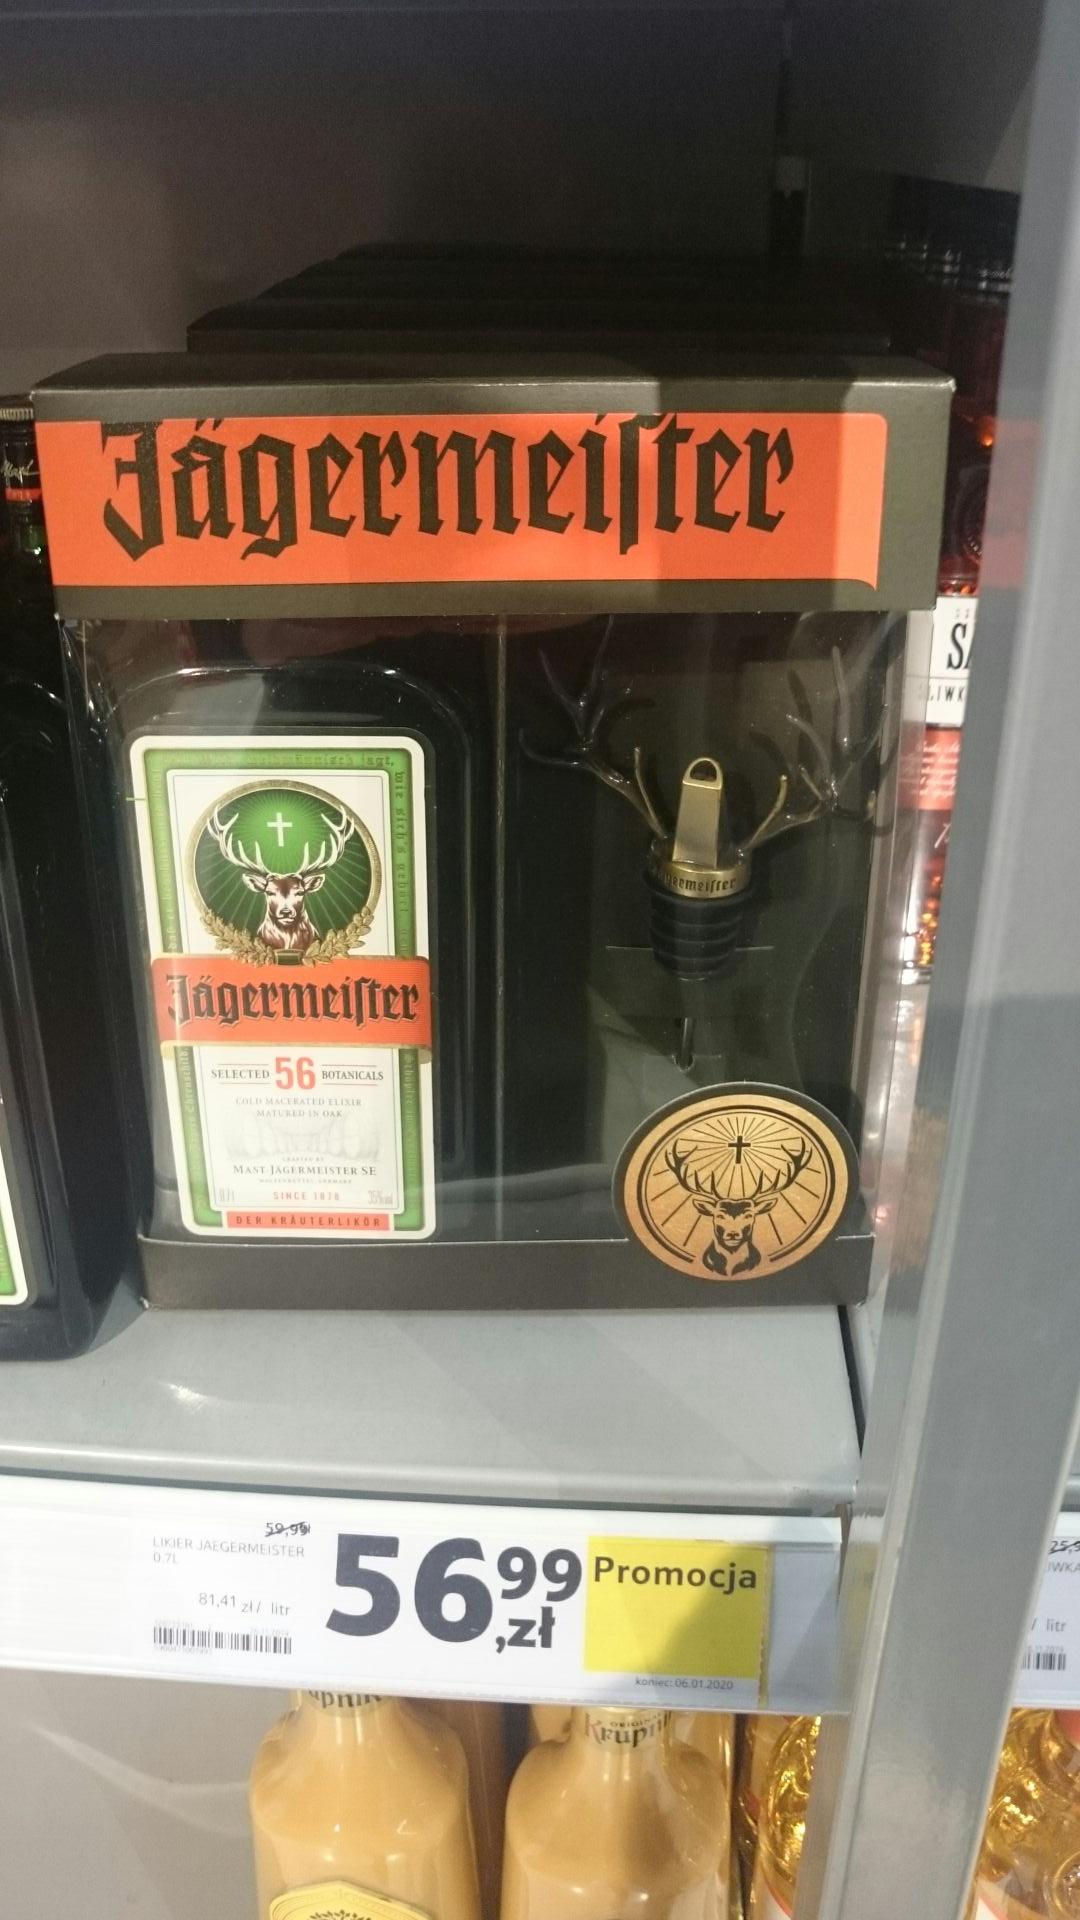 Jagermeister 0.7l + lejek w kształcie rogów Tesco. nie wiem czy aktualne więc zamykam